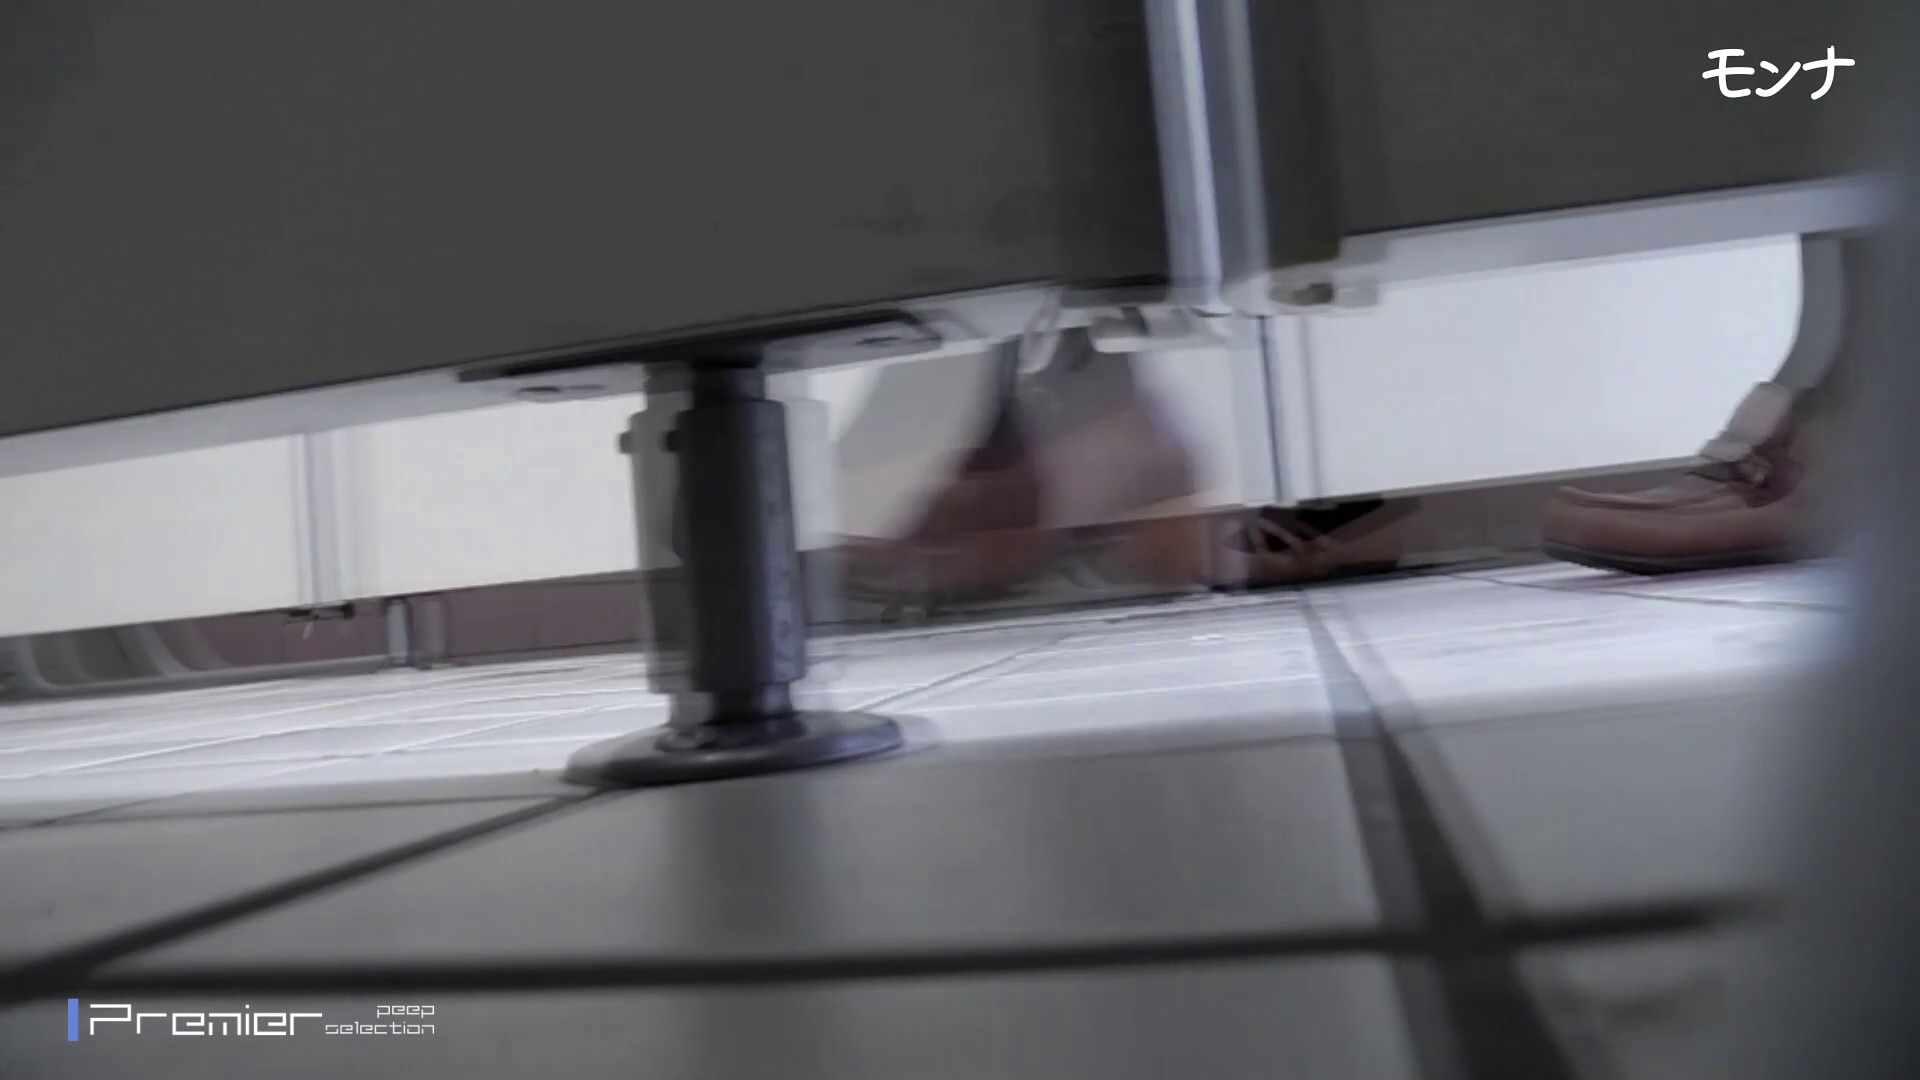 美しい日本の未来 No.69 ひやっと!終始15cmのしらすを垂らしながら・・・ ギャル盗撮映像 | 盗撮  54PIX 53